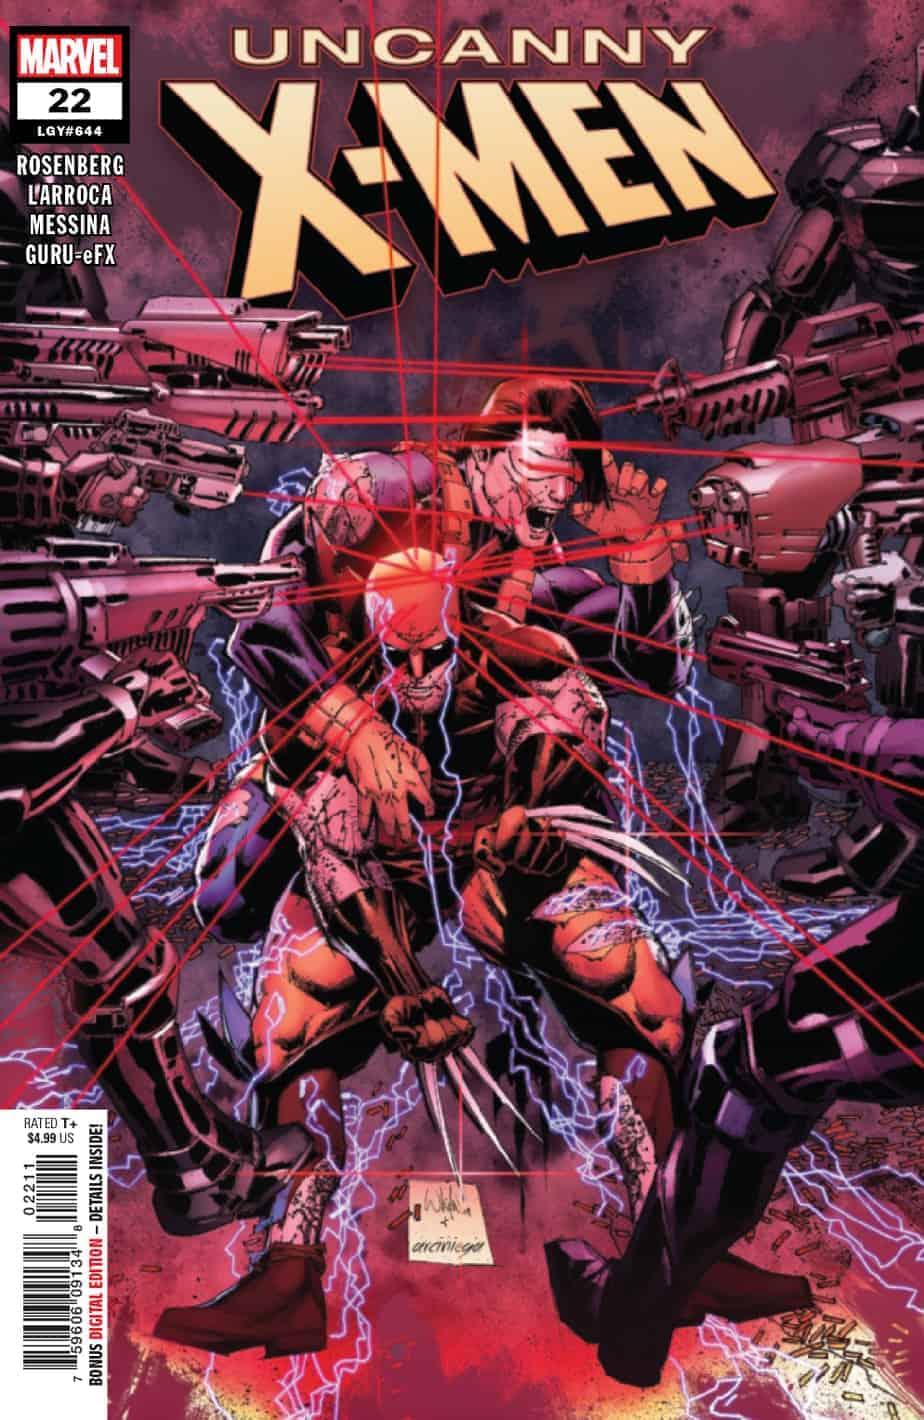 UNCANNY X-MEN #22 - Cover A